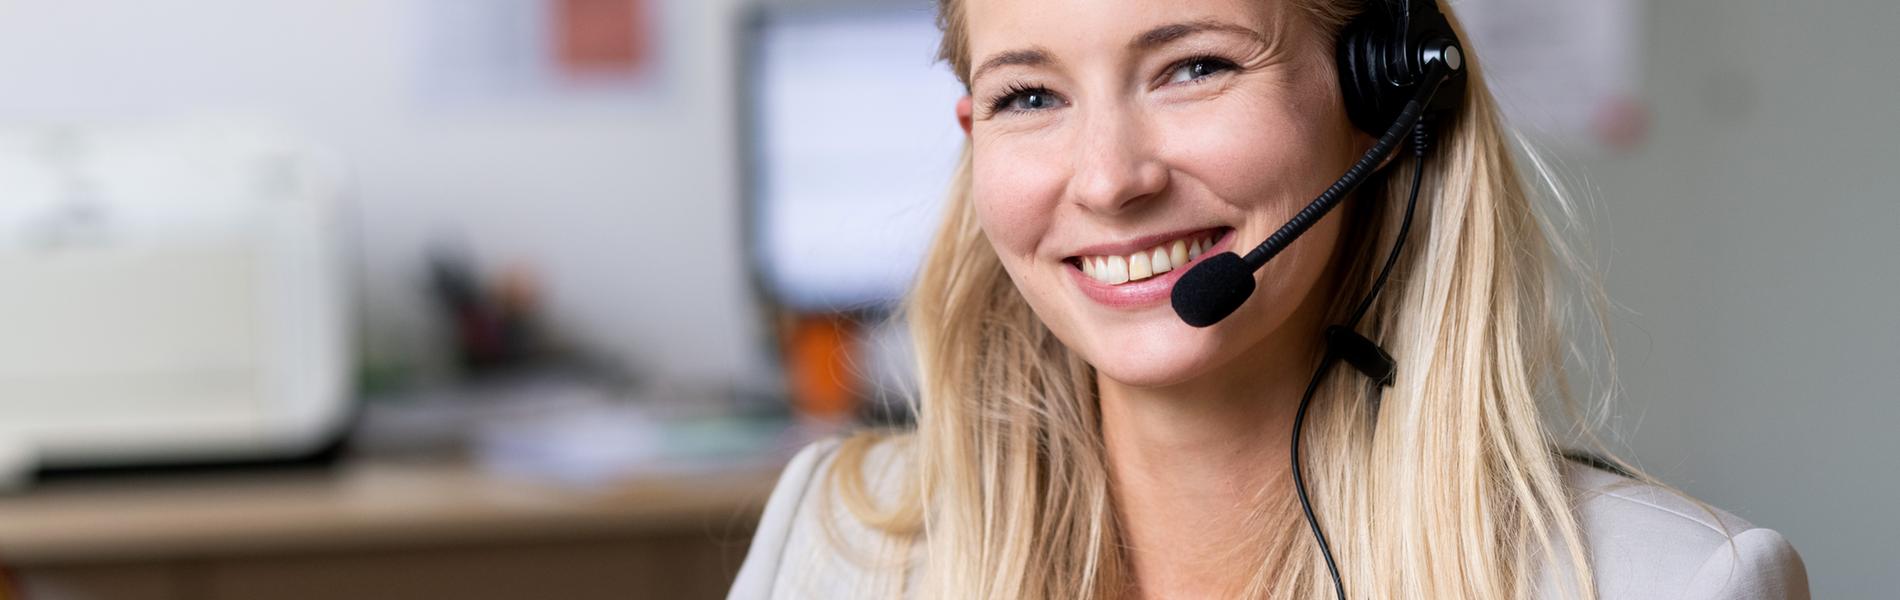 Notruf & Conciergeservice Jobs FÖV Verbund, Notrufsystem & Conciergeservice